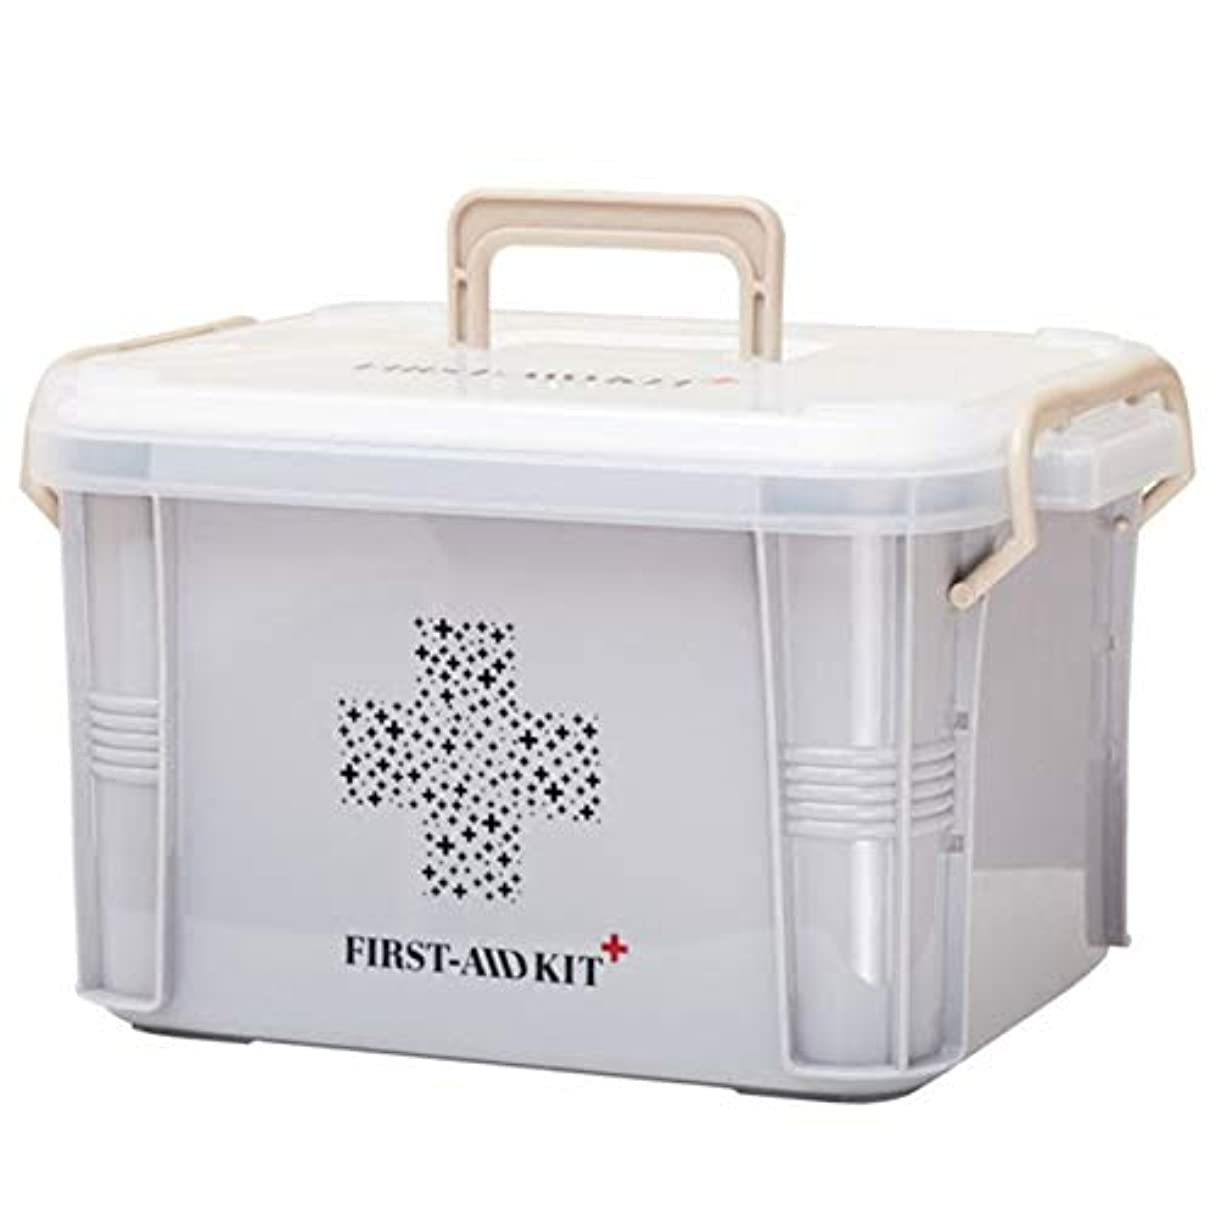 クリック溶岩要求Saikogoods コンパクトサイズのホーム用薬箱ファーストエイドキットボックスプラスチック容器救急キット大容量ストレージオーガナイザー グレー L